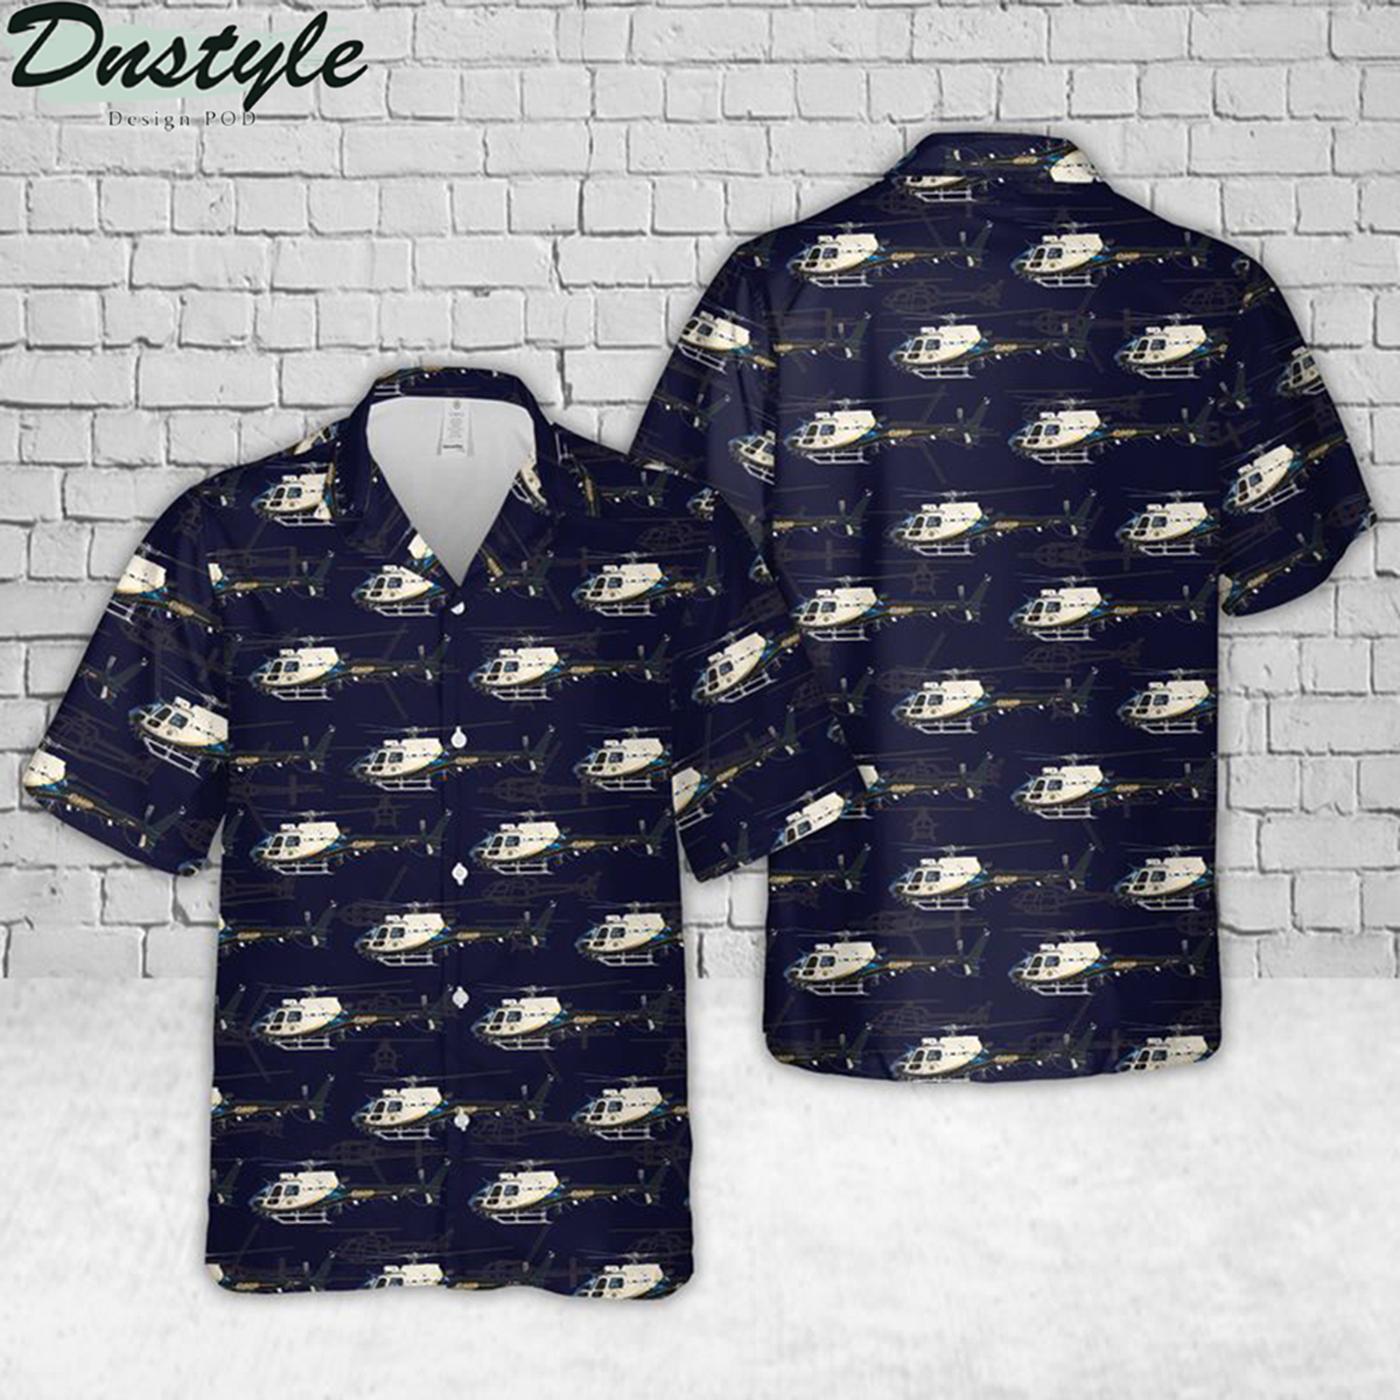 California police hawaiian shirt 2